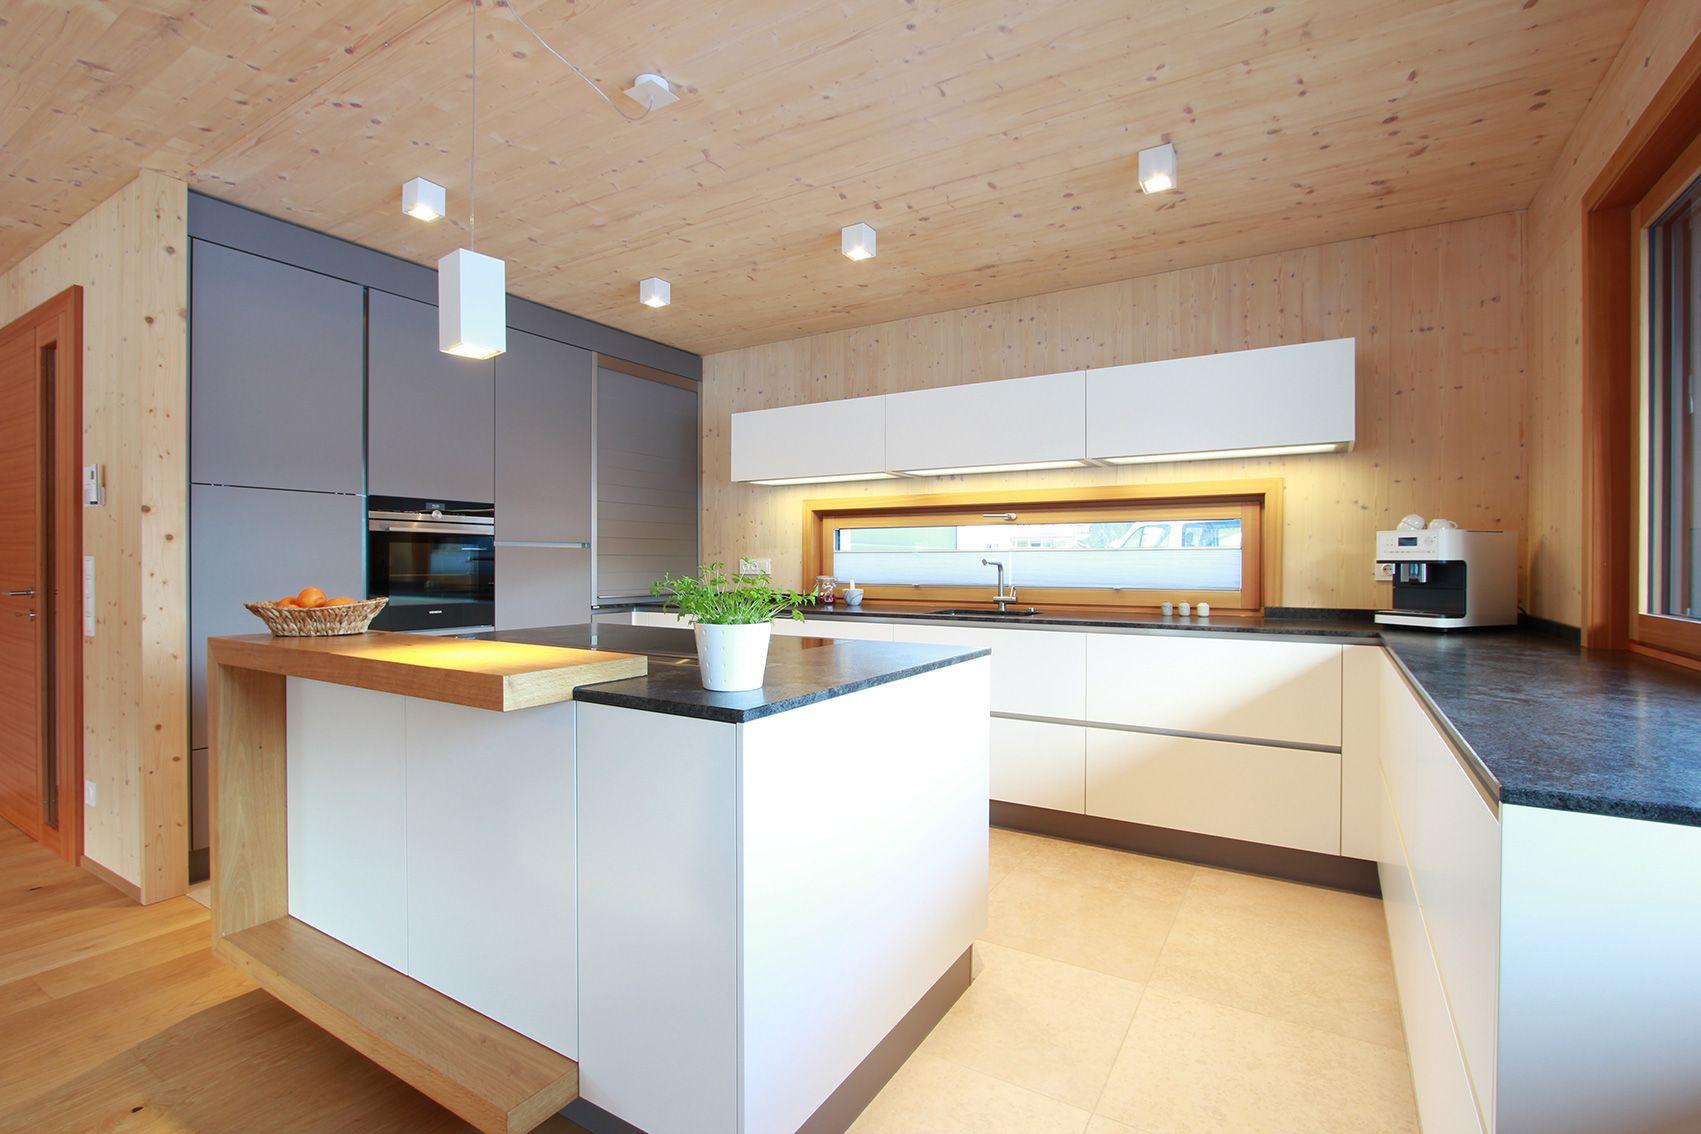 Elegante Grifflose Wohnkuche Mit Kochinsel Im Modernen Holzhaus U Formige Bar In 2020 Moderne Kuche Haus Kuchen Kuchenumbau